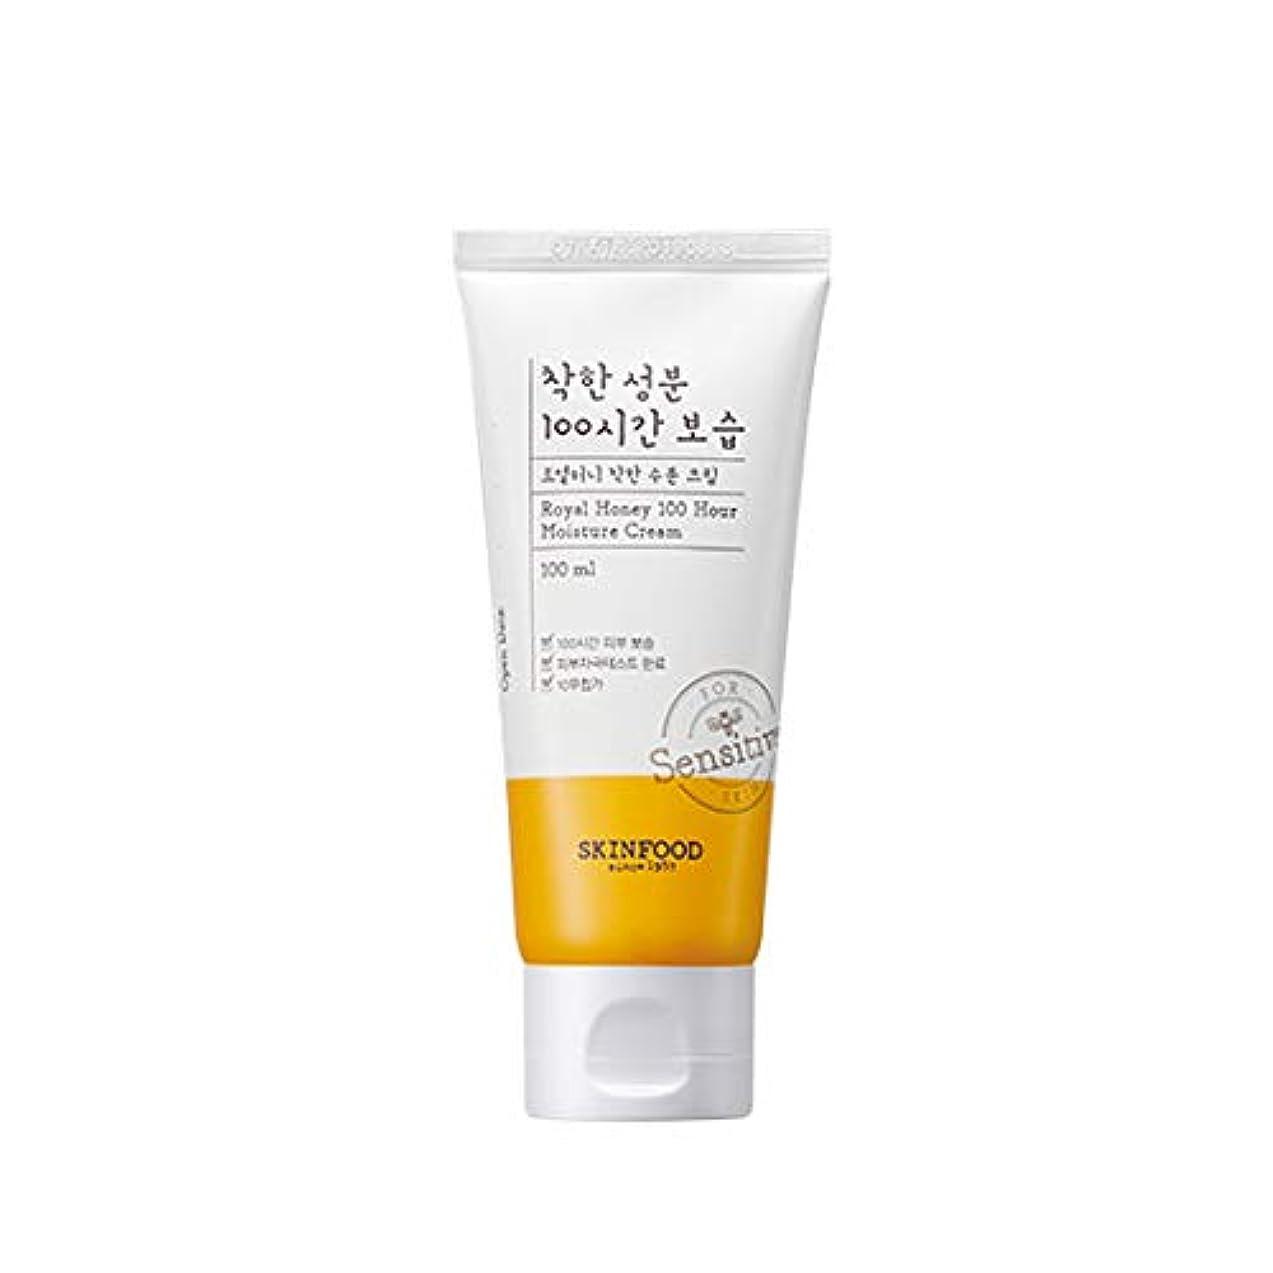 タンパク質導出銅Skinfood ロイヤルハニー100時間モイスチャークリーム / Royal Honey 100 Hour Moisture Cream 100ml [並行輸入品]